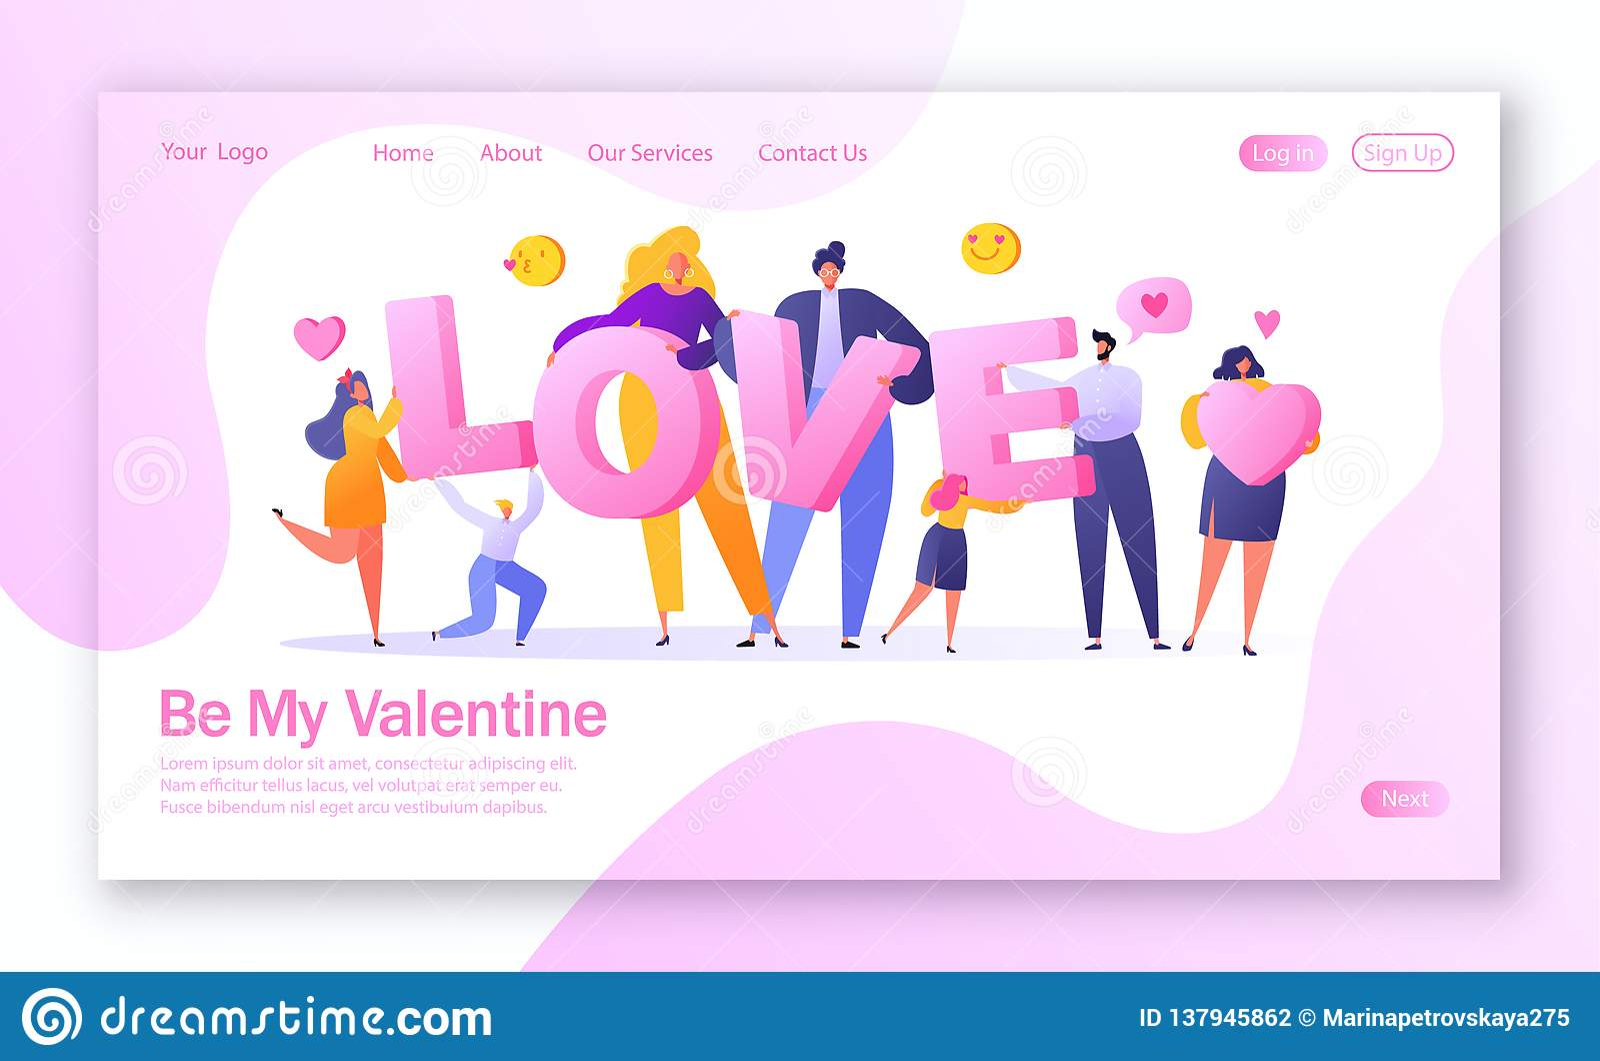 Έννοια της προσγειωμένος σελίδας στο θέμα ιστορίας αγάπης Ευτυχής επίπεδος χαρακτήρας ανθρώπων που κρατά τη μεγάλη ΑΓΑΠΗ γραμμάτω